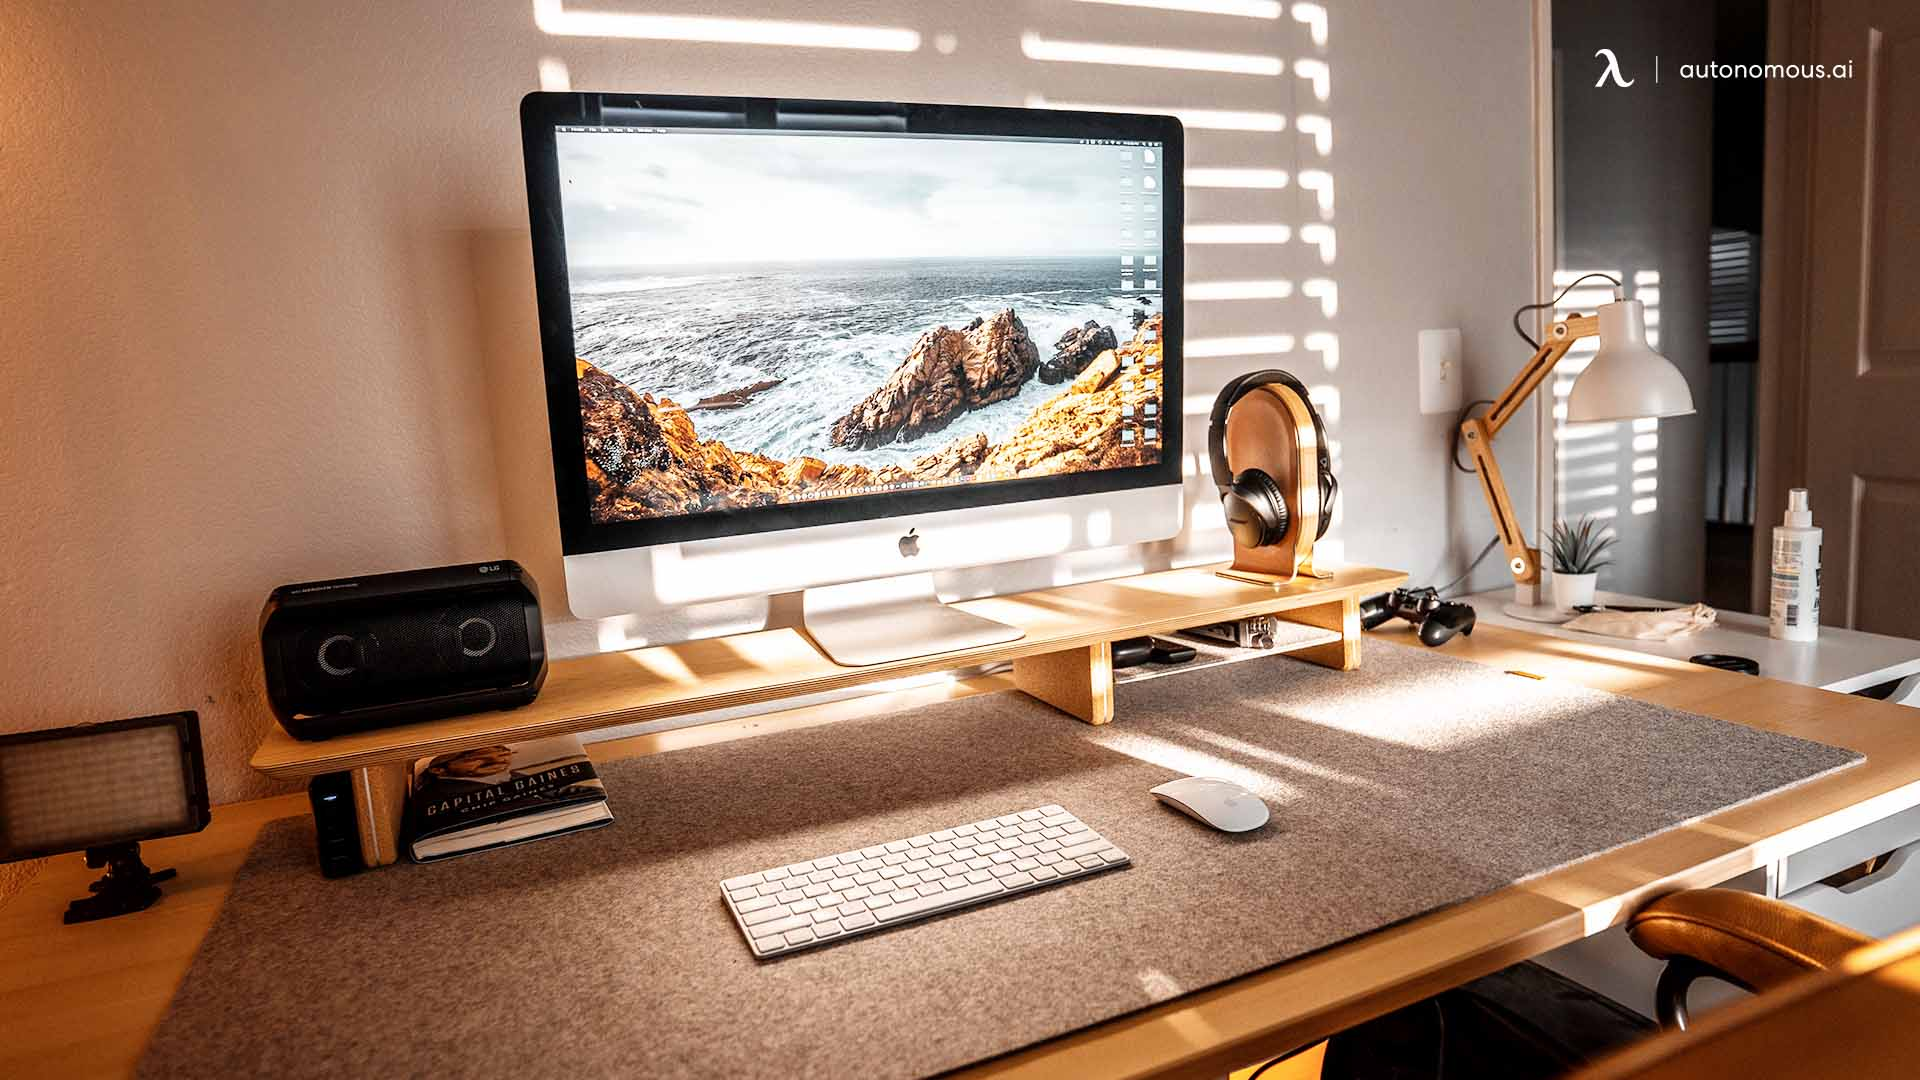 Need for good desk setup lighting